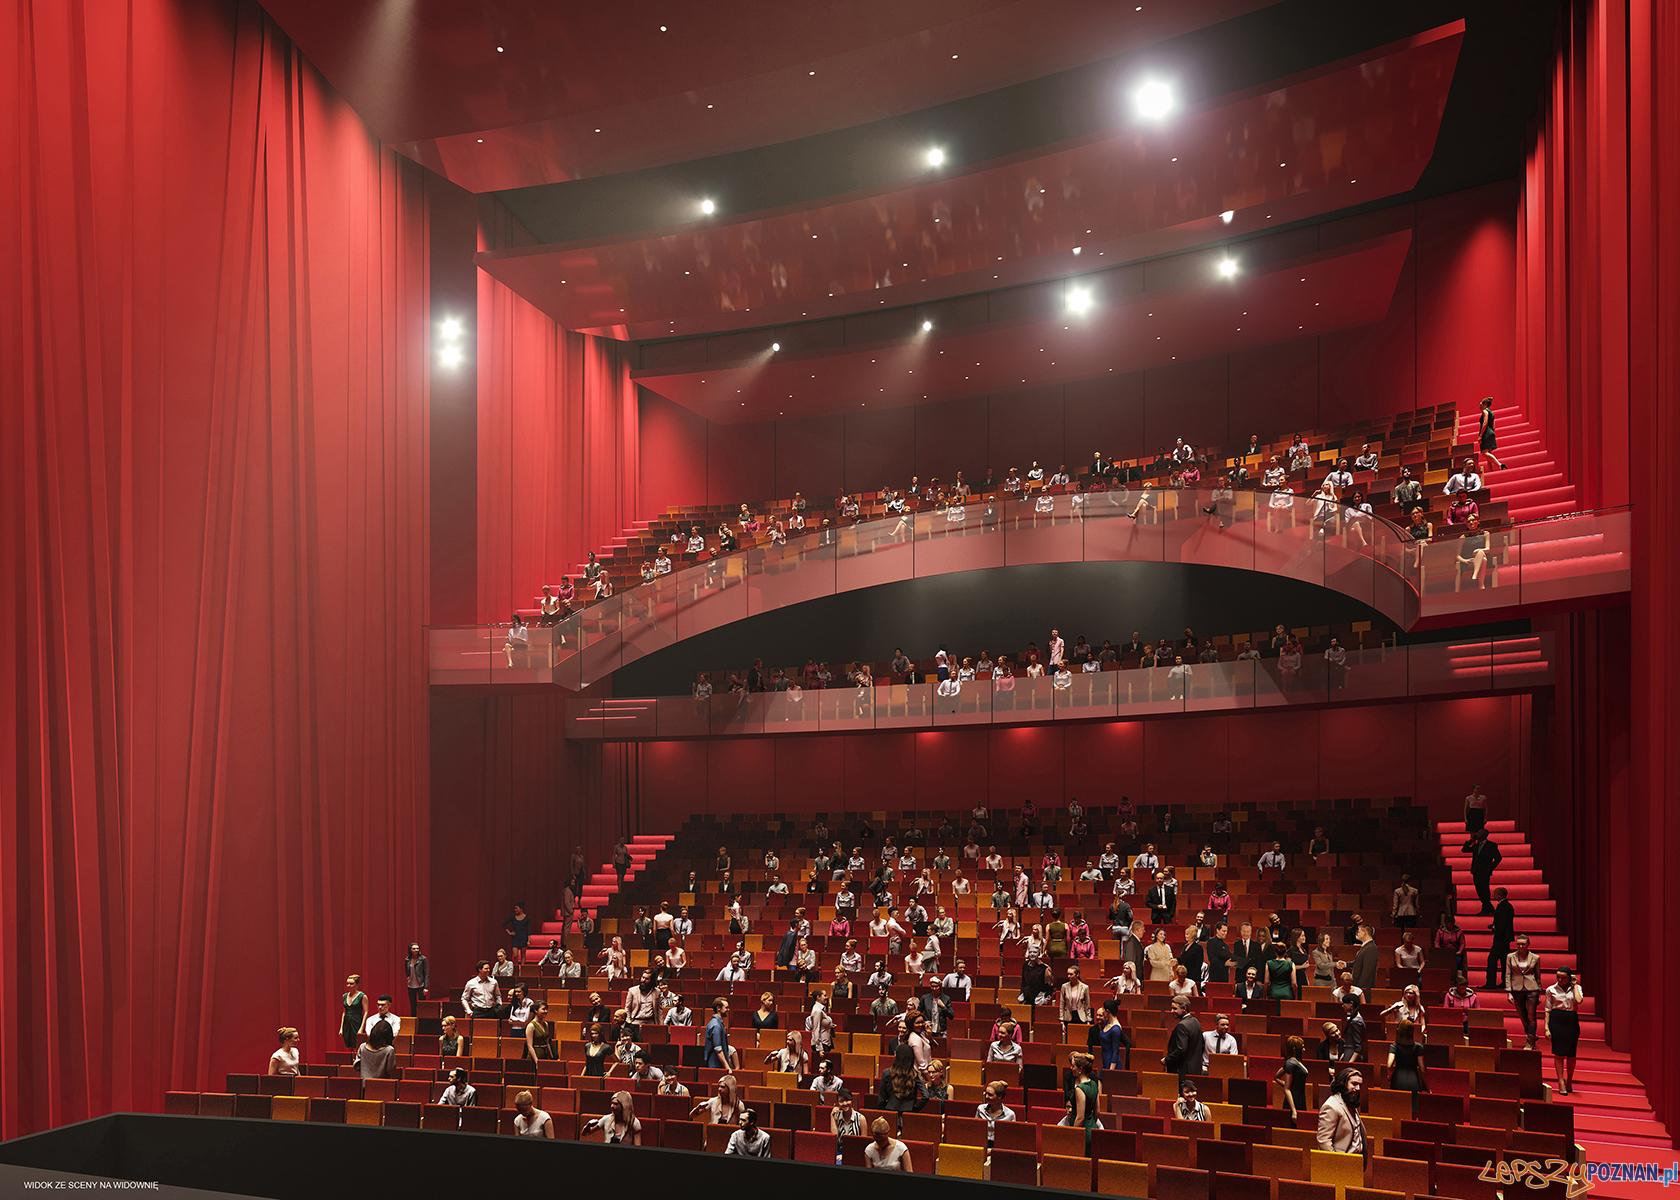 Tak będzie wyglądał nowy Teatr Muzyczny  Foto: materiały prasowe UMP